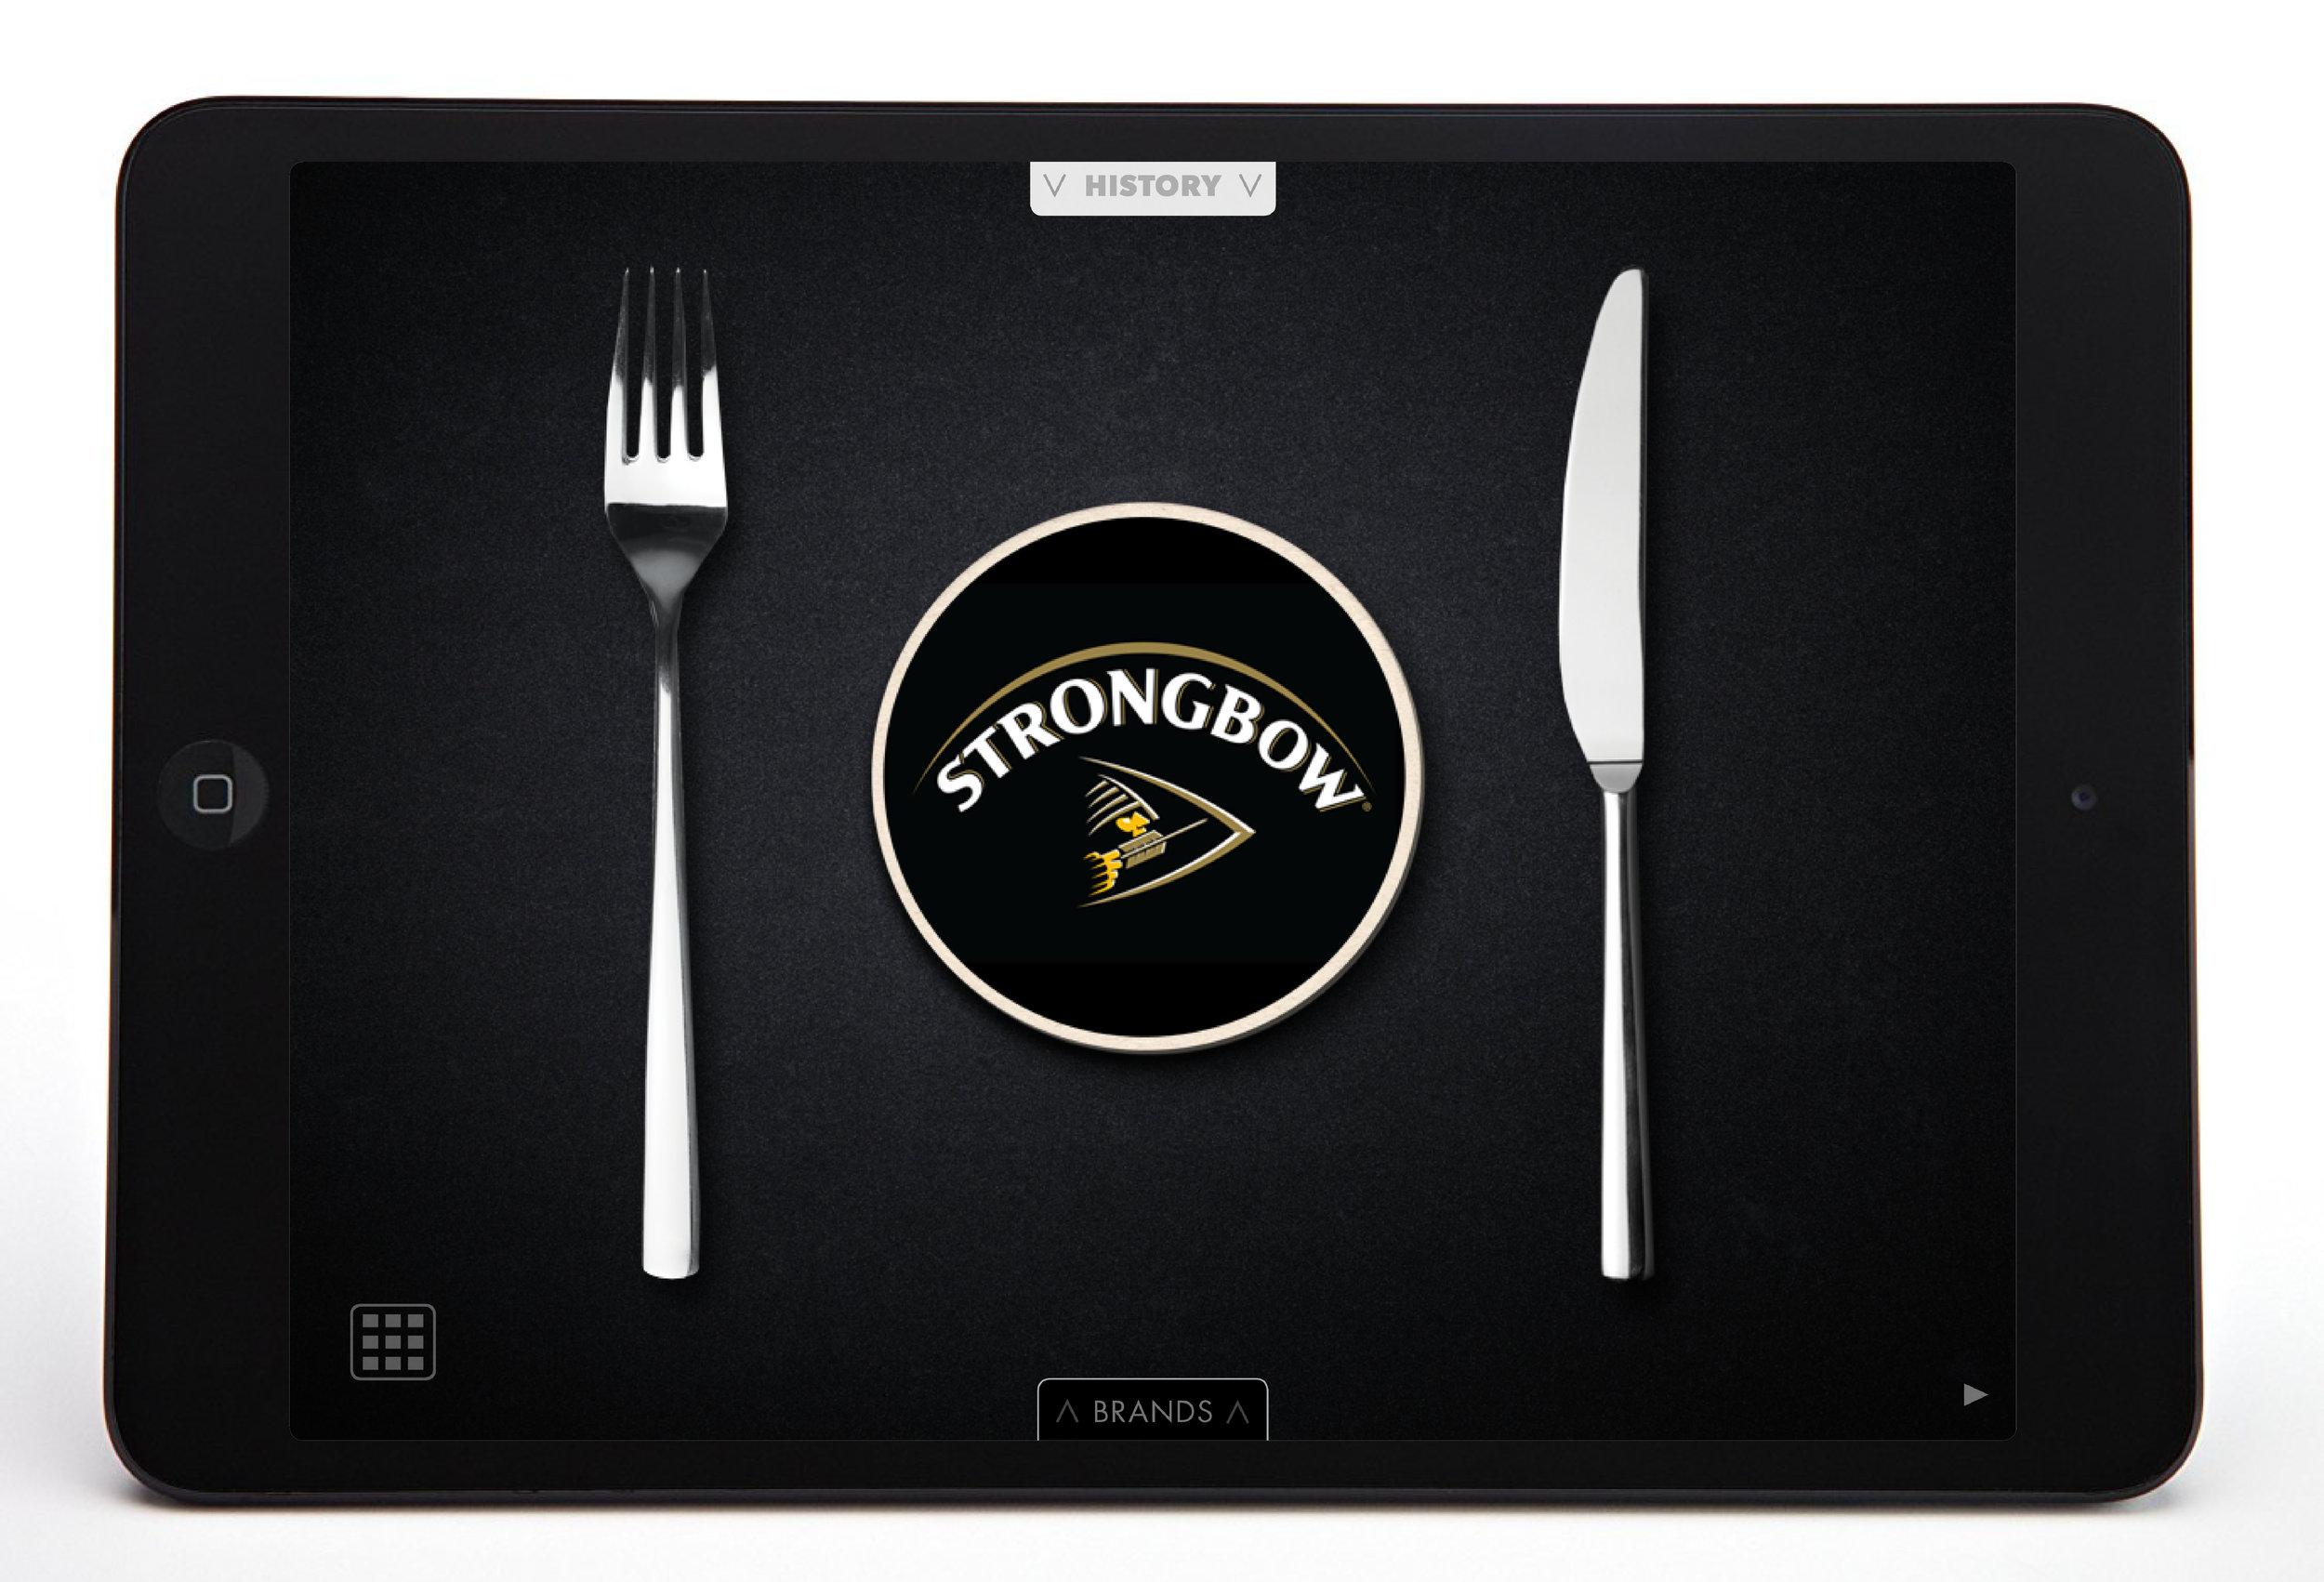 Heineken-food&beer pairing-interactive book41.jpg